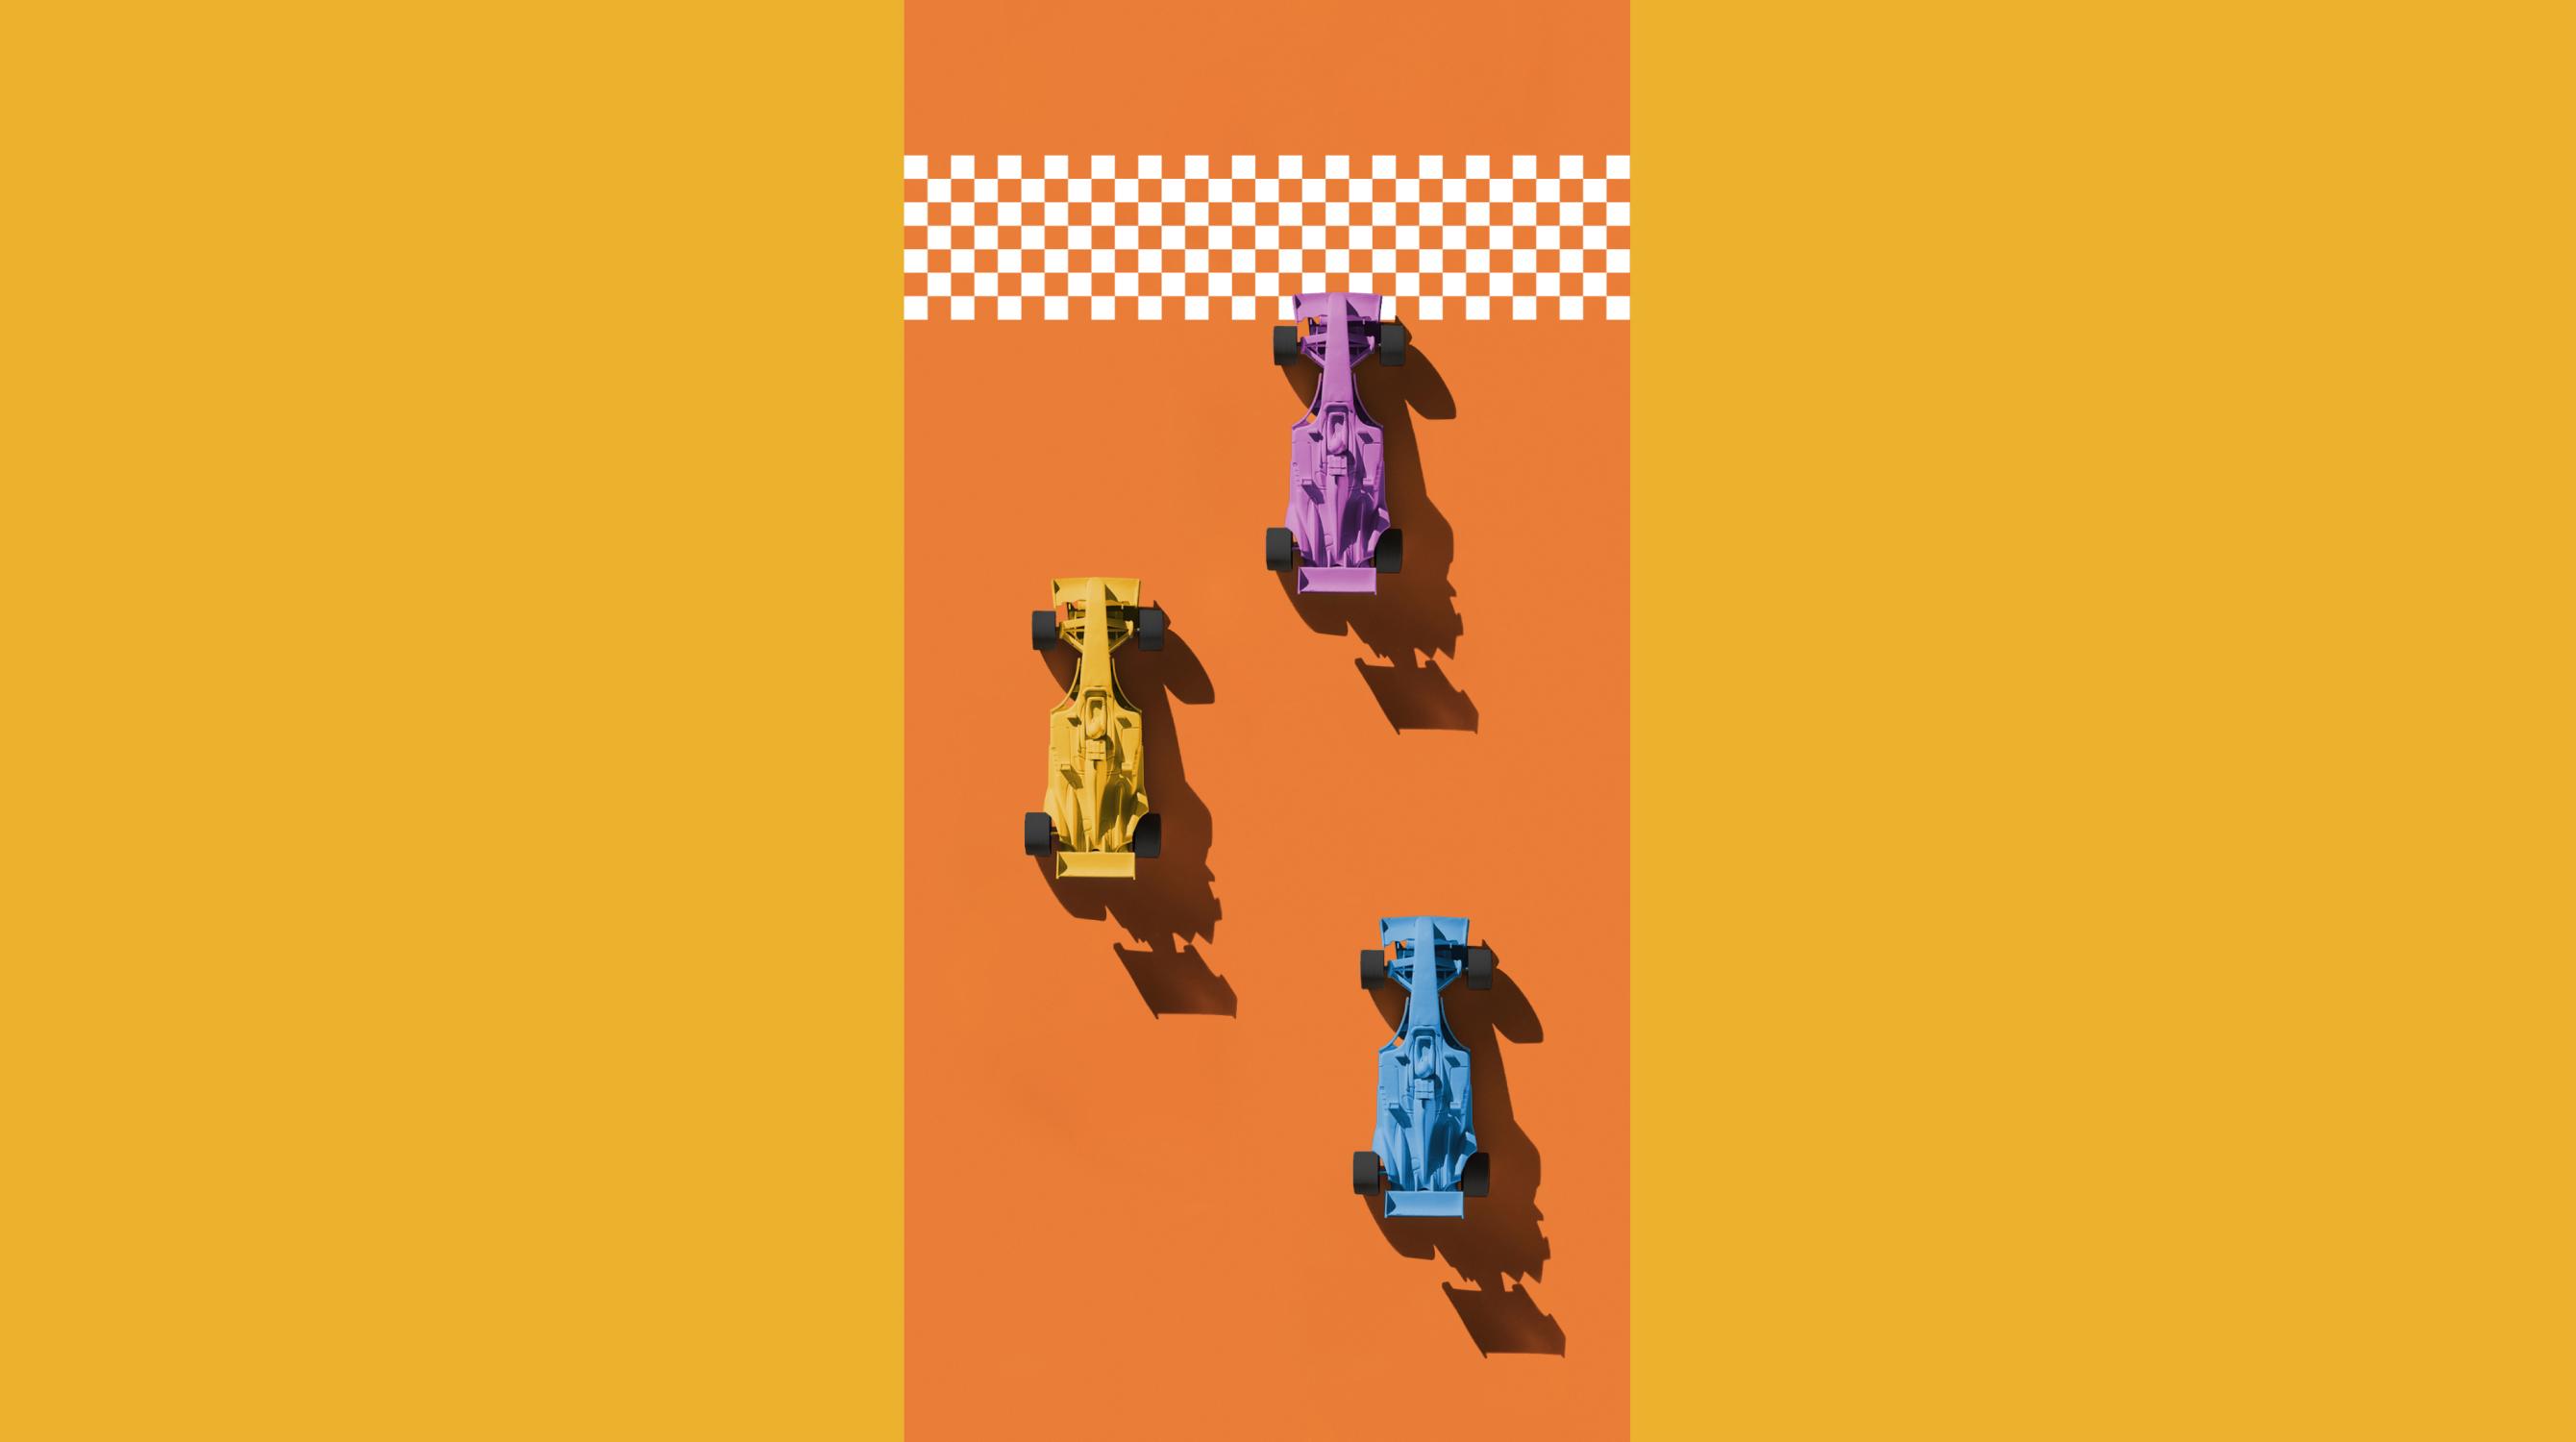 3台のレーシングカー_hero